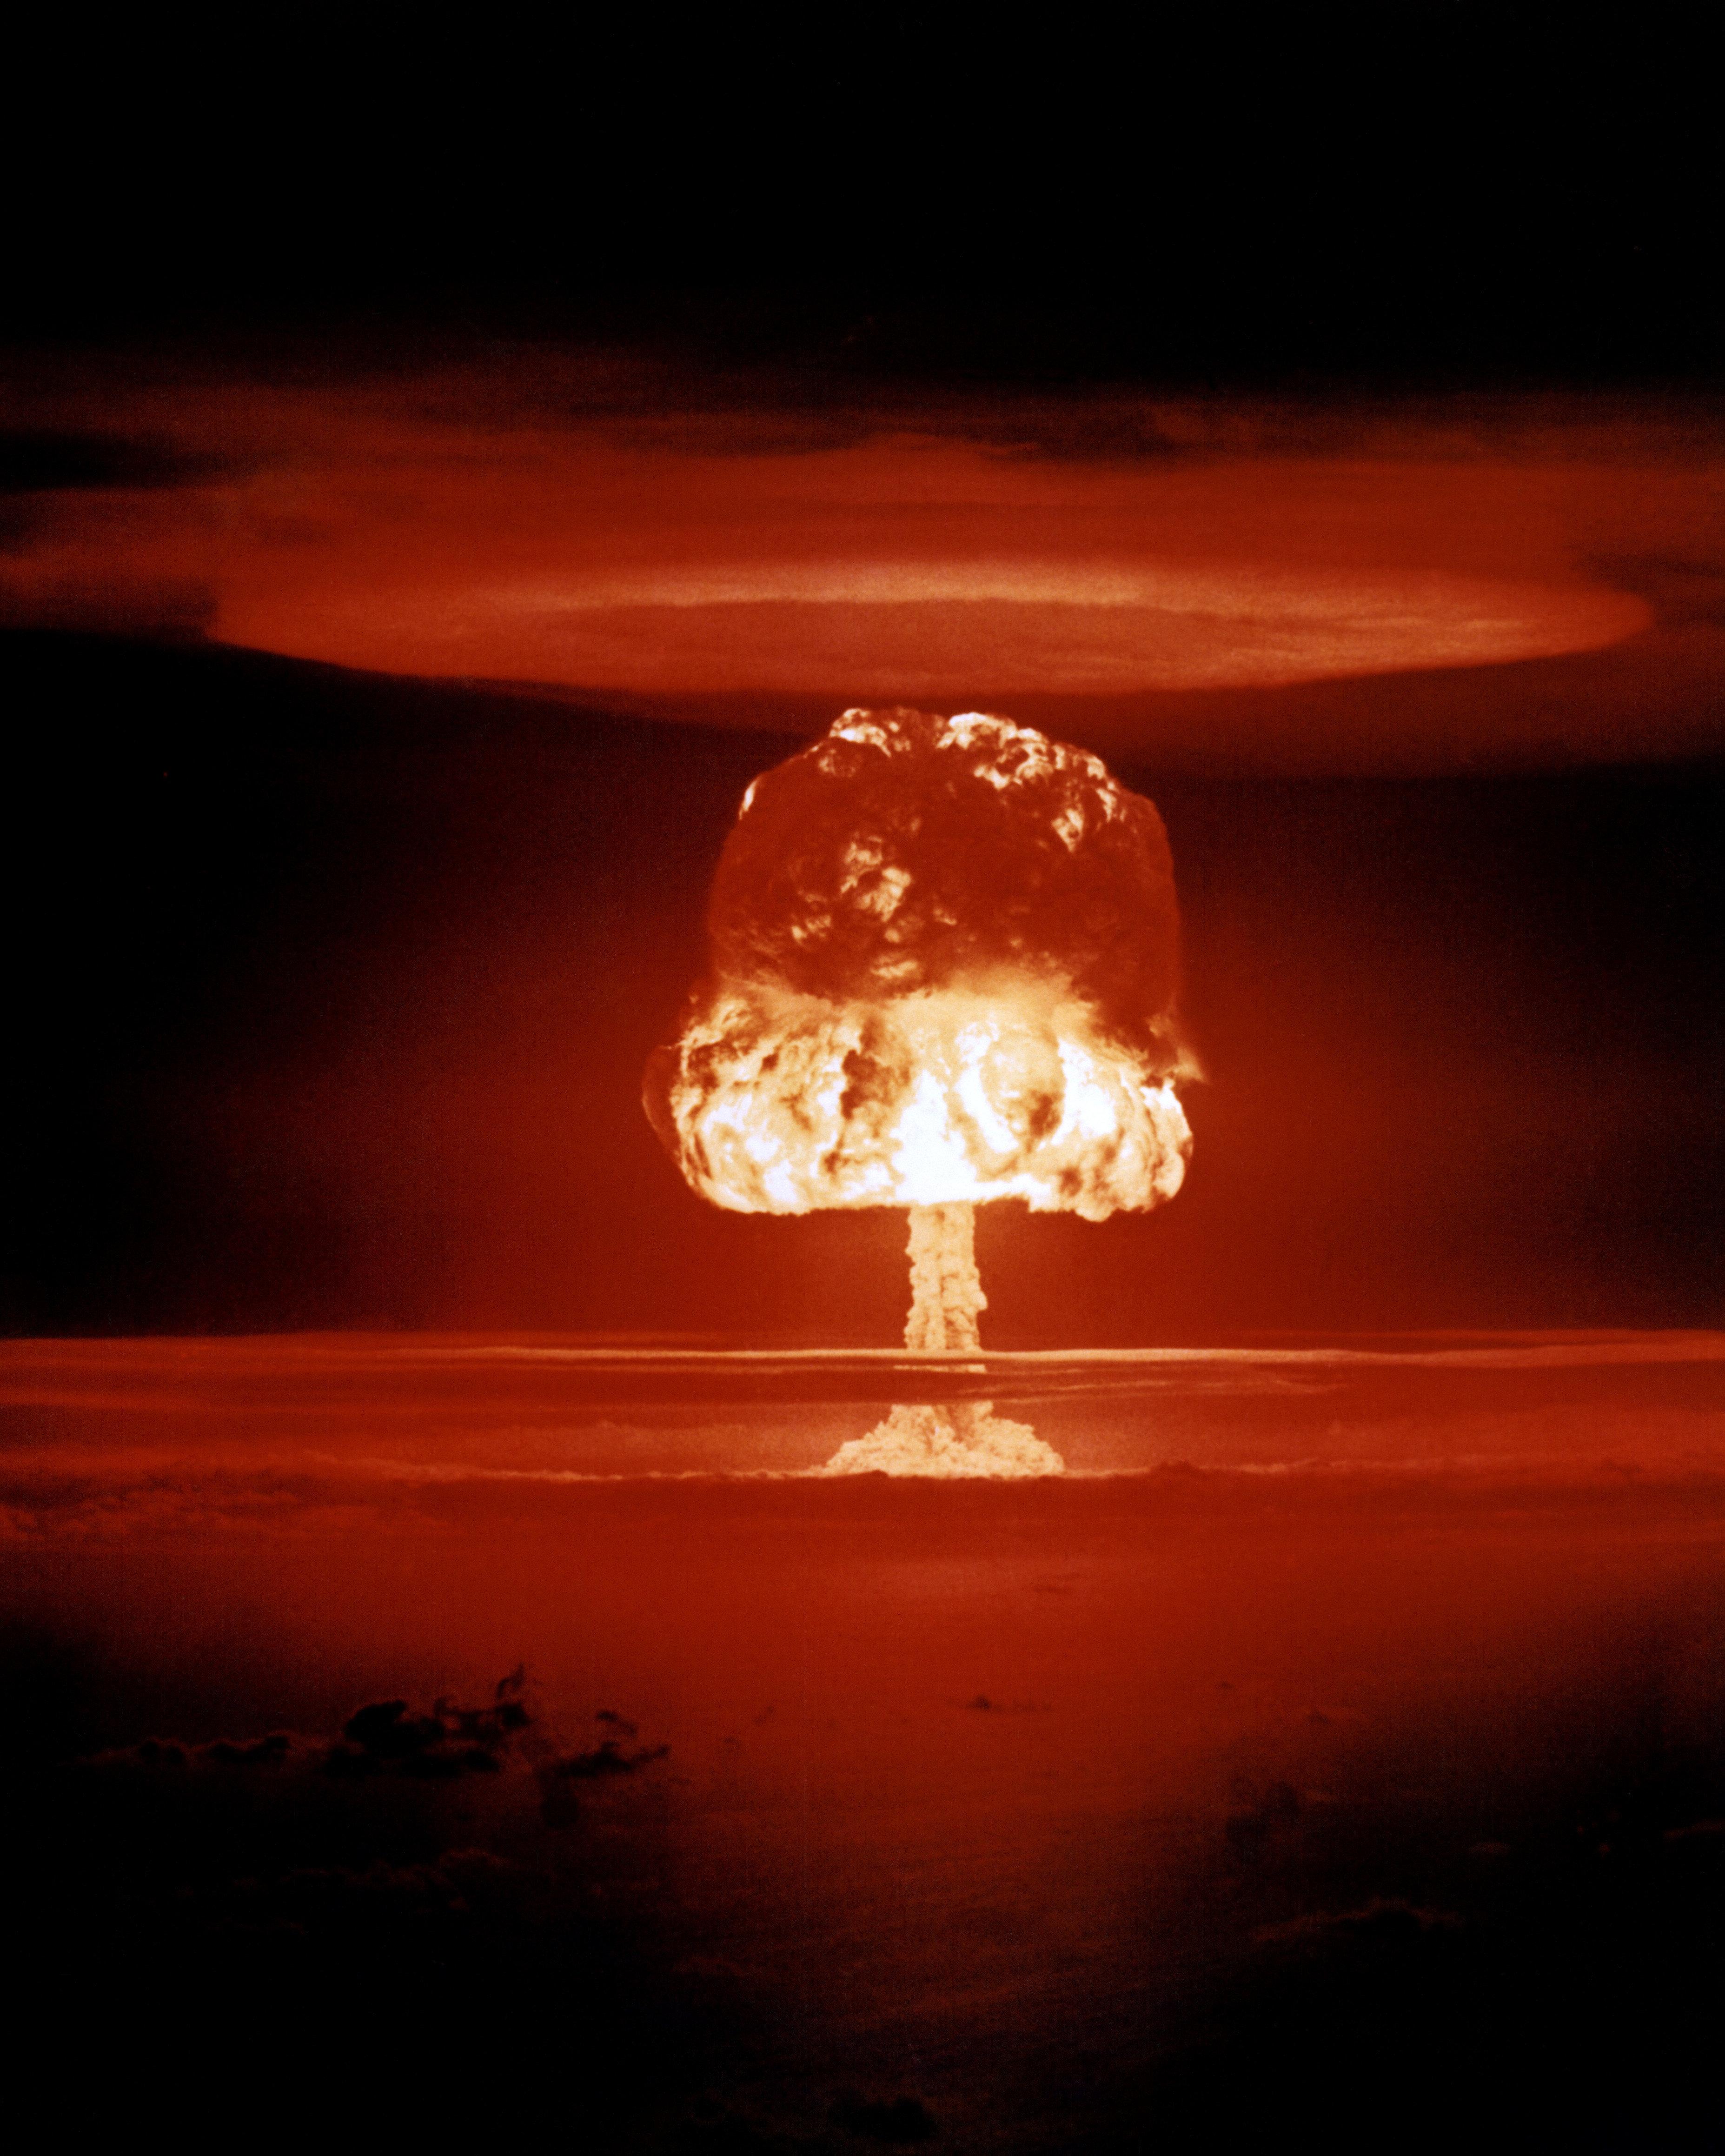 Με την ενέργεια από την έκρηξη ατομικής βόμβας ισοδυναμεί η υπερθέρμανση των